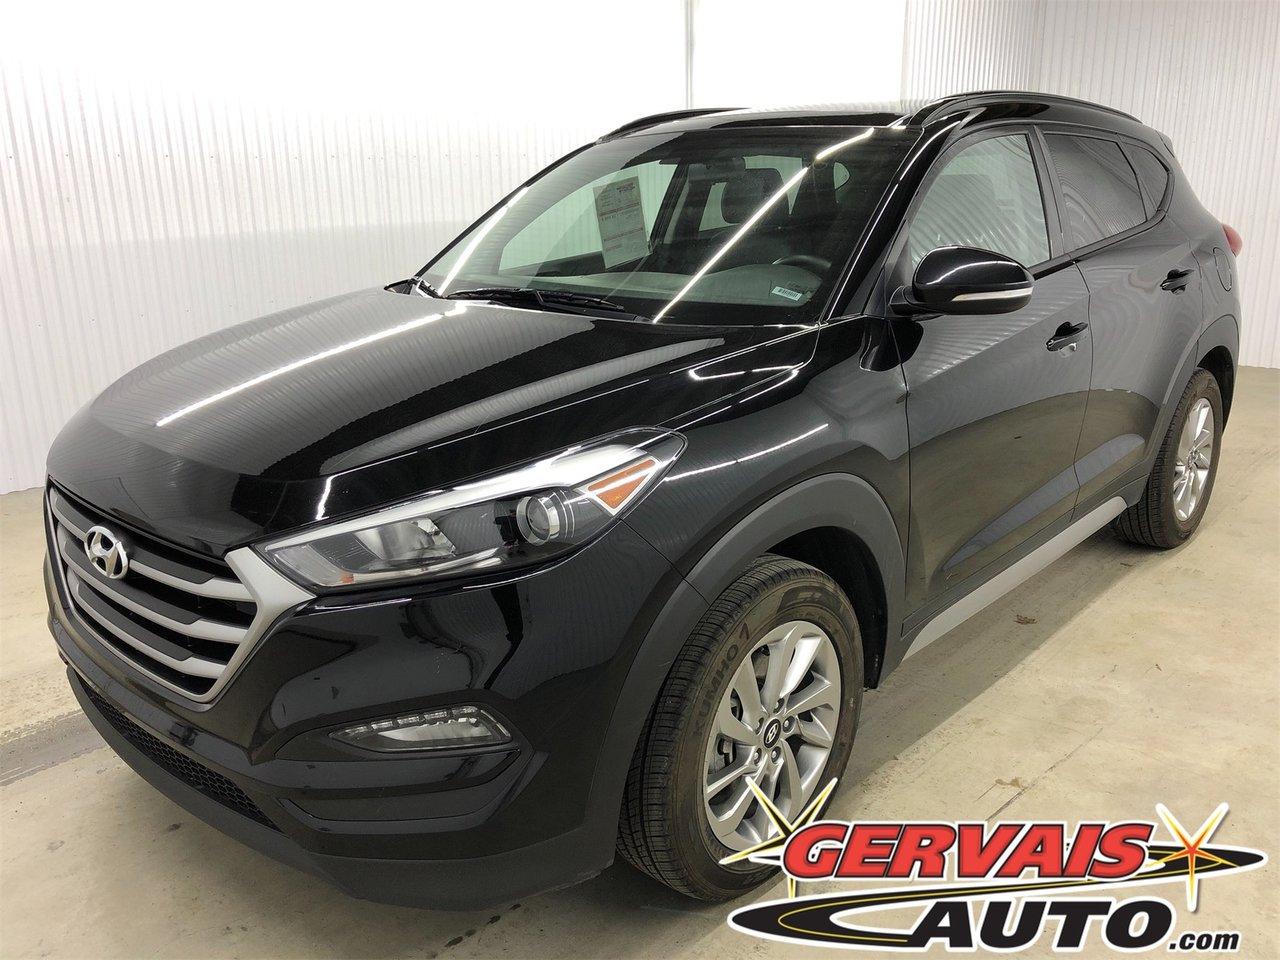 Hyundai Tucson 2018 SE AWD Cuir Toit Panoramique MAGS Bluetooth Cam?ra